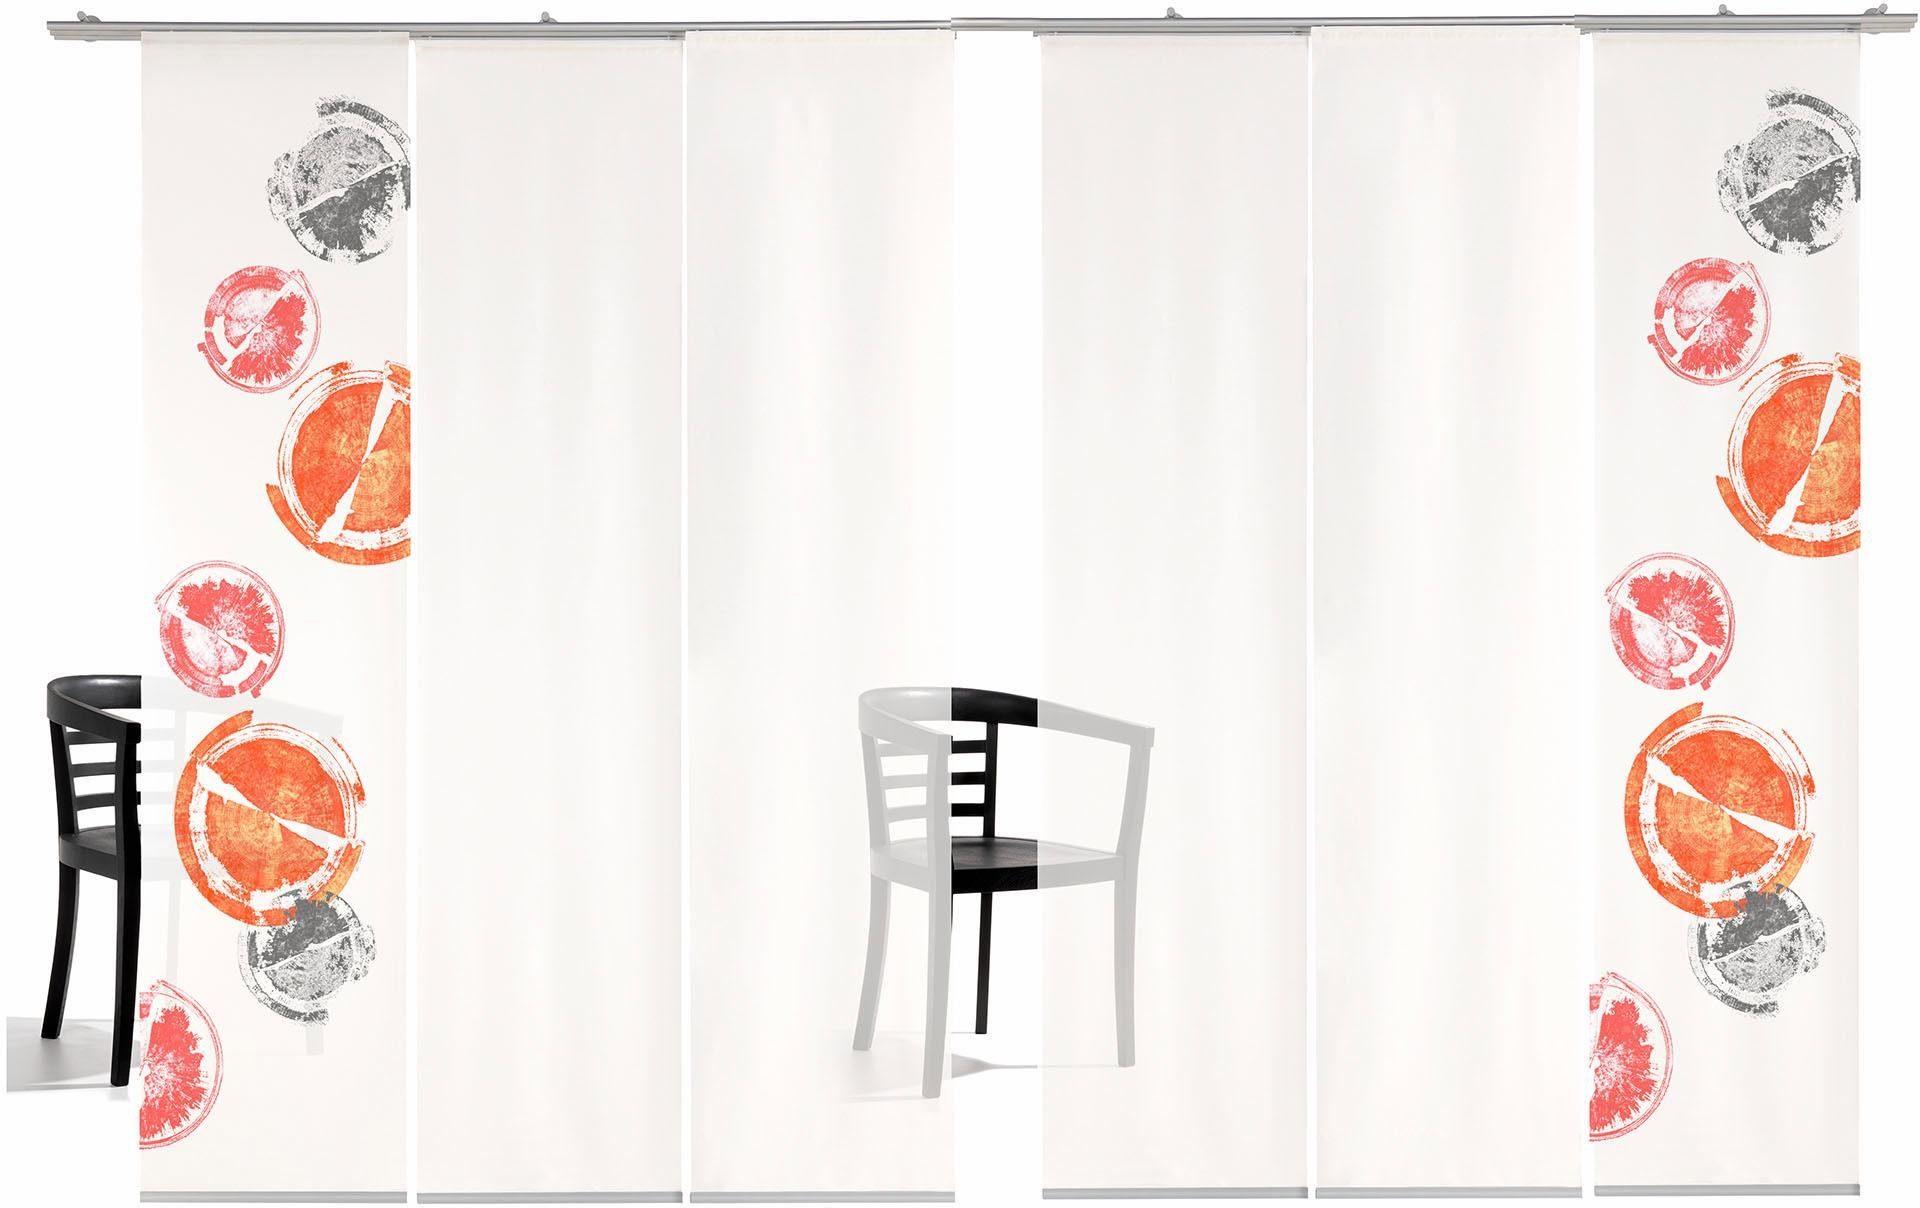 Schiebegardine »Rondo TR«, emotion textiles, Klettband (6 Stück), inkl. Befestigungszubehör